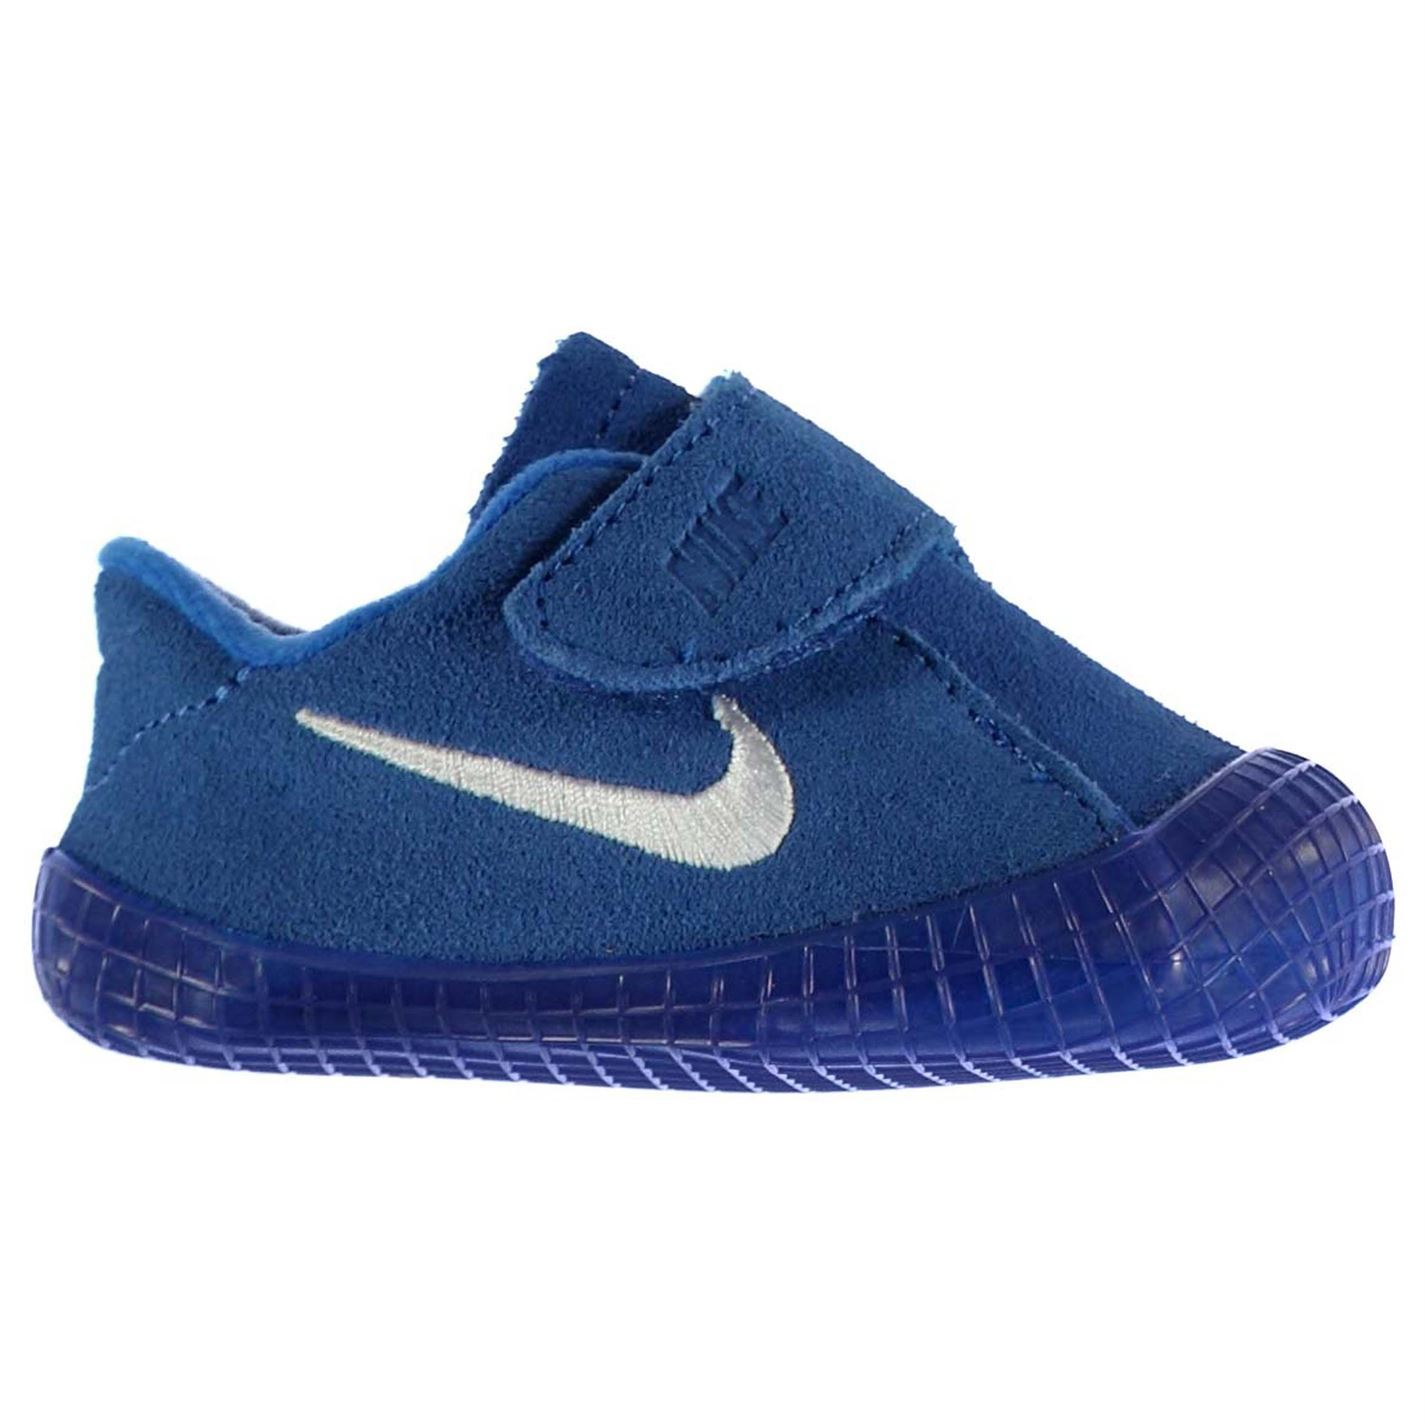 Nike Waffle Crib Shoes Infant Baby Boys Blue/White Babies ...